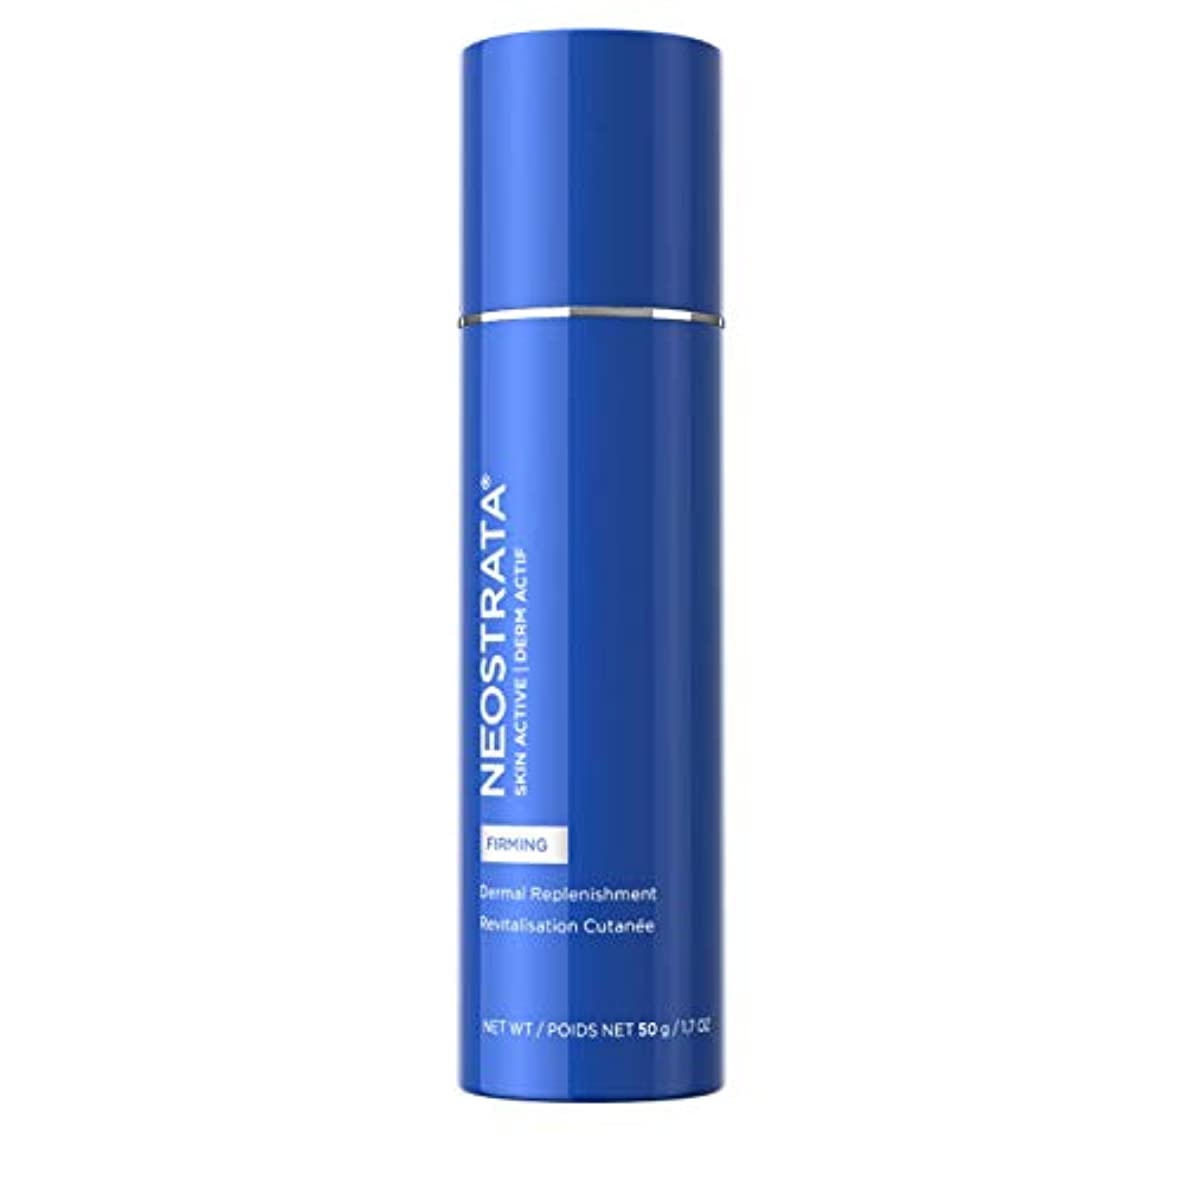 マングルバレーボールエピソードネオストラータ Skin Active Derm Actif Firming - Dermal Replenishment Natural Moisturizing Factor Concentrate 50g/0.17oz並行輸入品